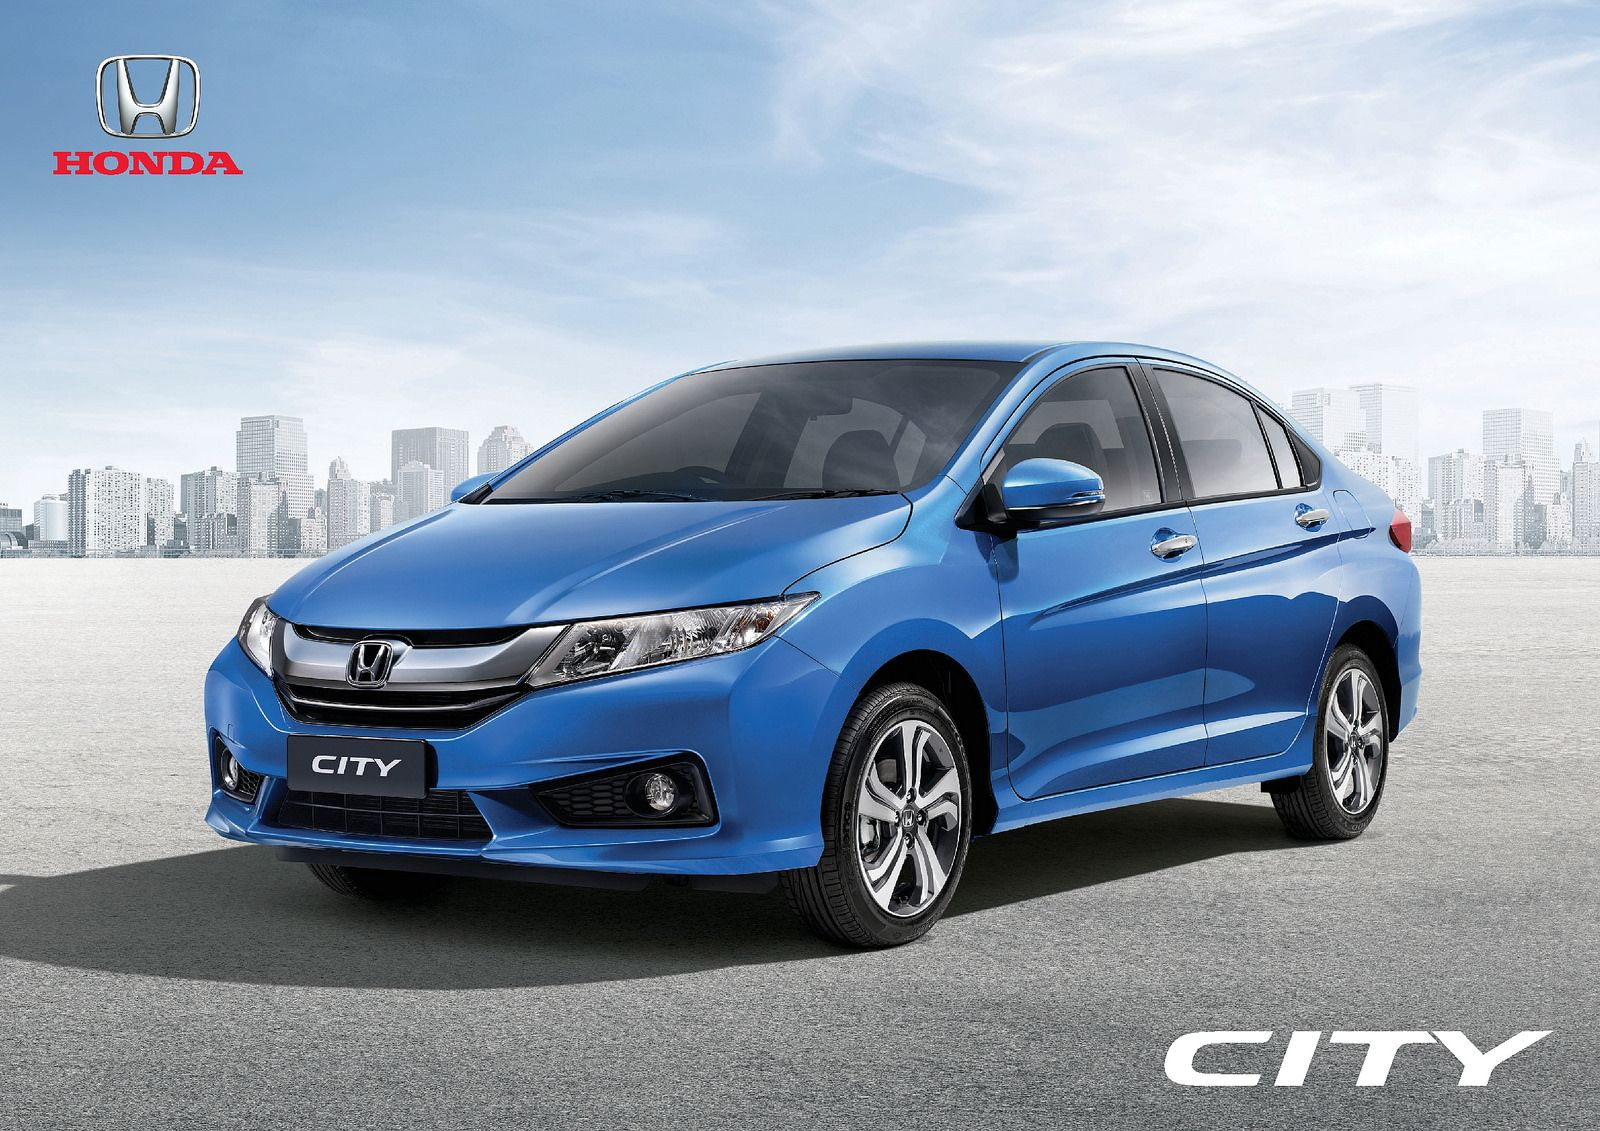 Honda City Mk6 Malaysia Brochure 2014 Honda City Honda Honda Civic